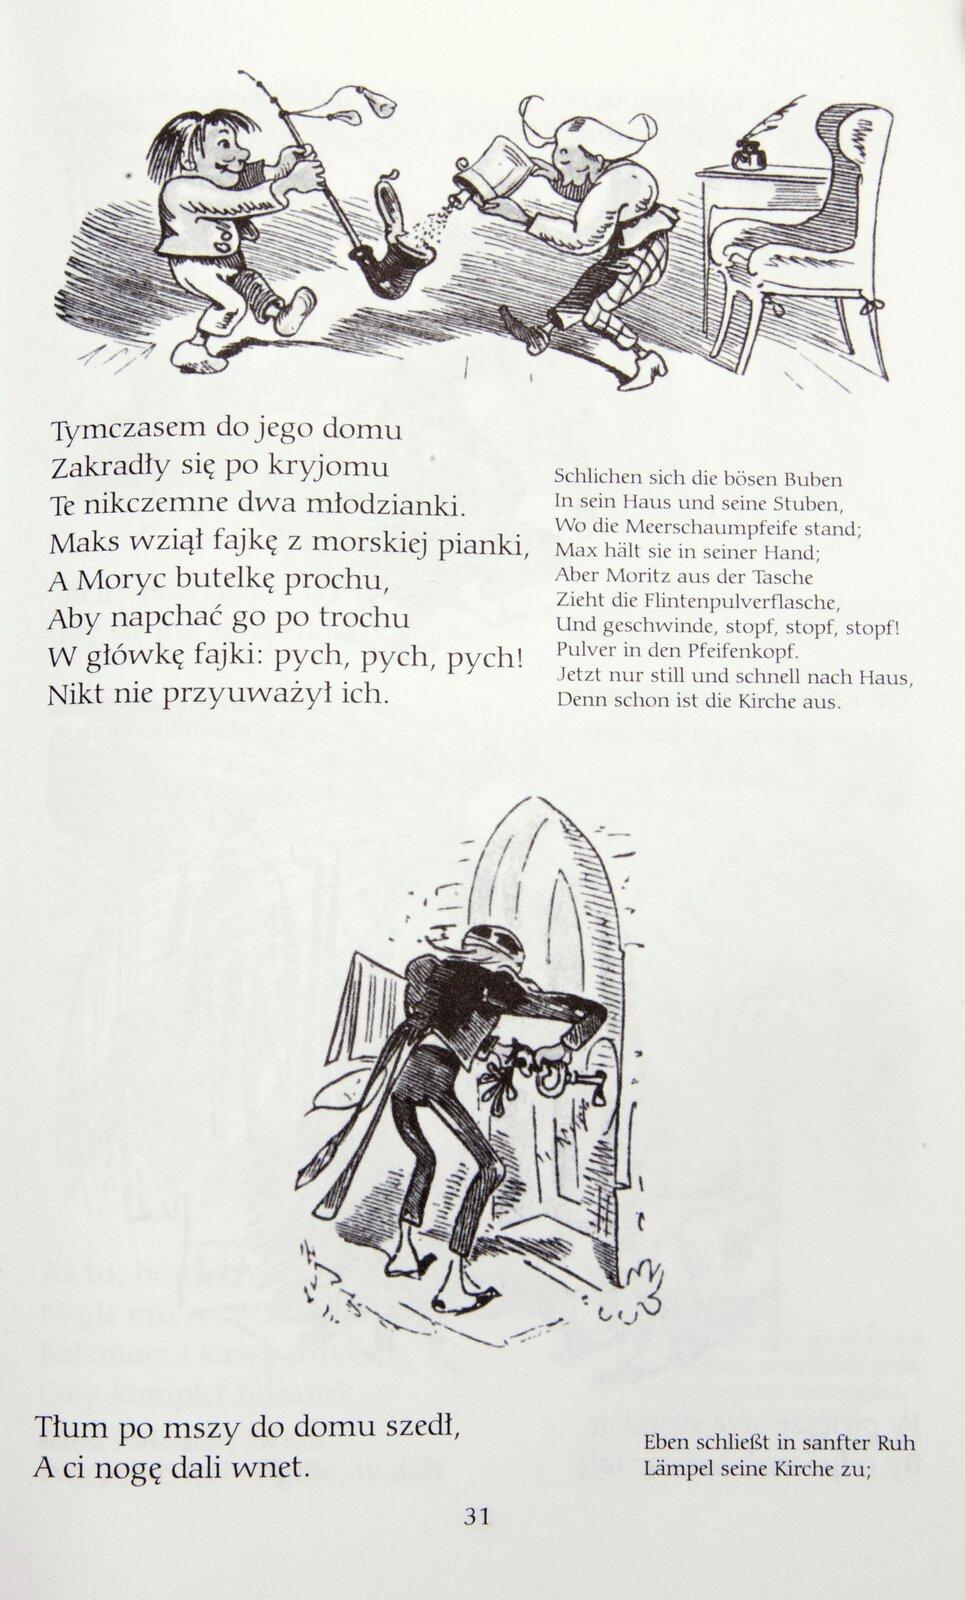 """Ilustracja przedstawia fragment historyjki obrazkowej Wilhelma Buscha """"Maks iMoryc"""", stronę 31. Na stronie widnieją dwa obrazki. Na obrazku powyżej przedstawiono dwóch chłopców wpomieszczeniu, jeden trzyma dużej wielkości fajkę, prawie tak dużą, jak on, drugi wsypuje proszek do fajki. Poniżej znajduje się napis: """"Tymczasem do jego domu Zakradły się po kryjomu Te nikczemne dwa młodzianki. Maks wziął fajkę zmorskiej pianki, AMoryc butelkę prochu, Aby napchać go po trochu Wgłówkę fajki: pych, pych, pych! Nikt nie przyuważył ich"""". Na obrazku poniżej widać mężczyznę, który otwiera kluczem drzwi do domu. Poniżej jest napis: """"Tłum po mszy do domu szedł, Aci nogę dali wnet."""""""